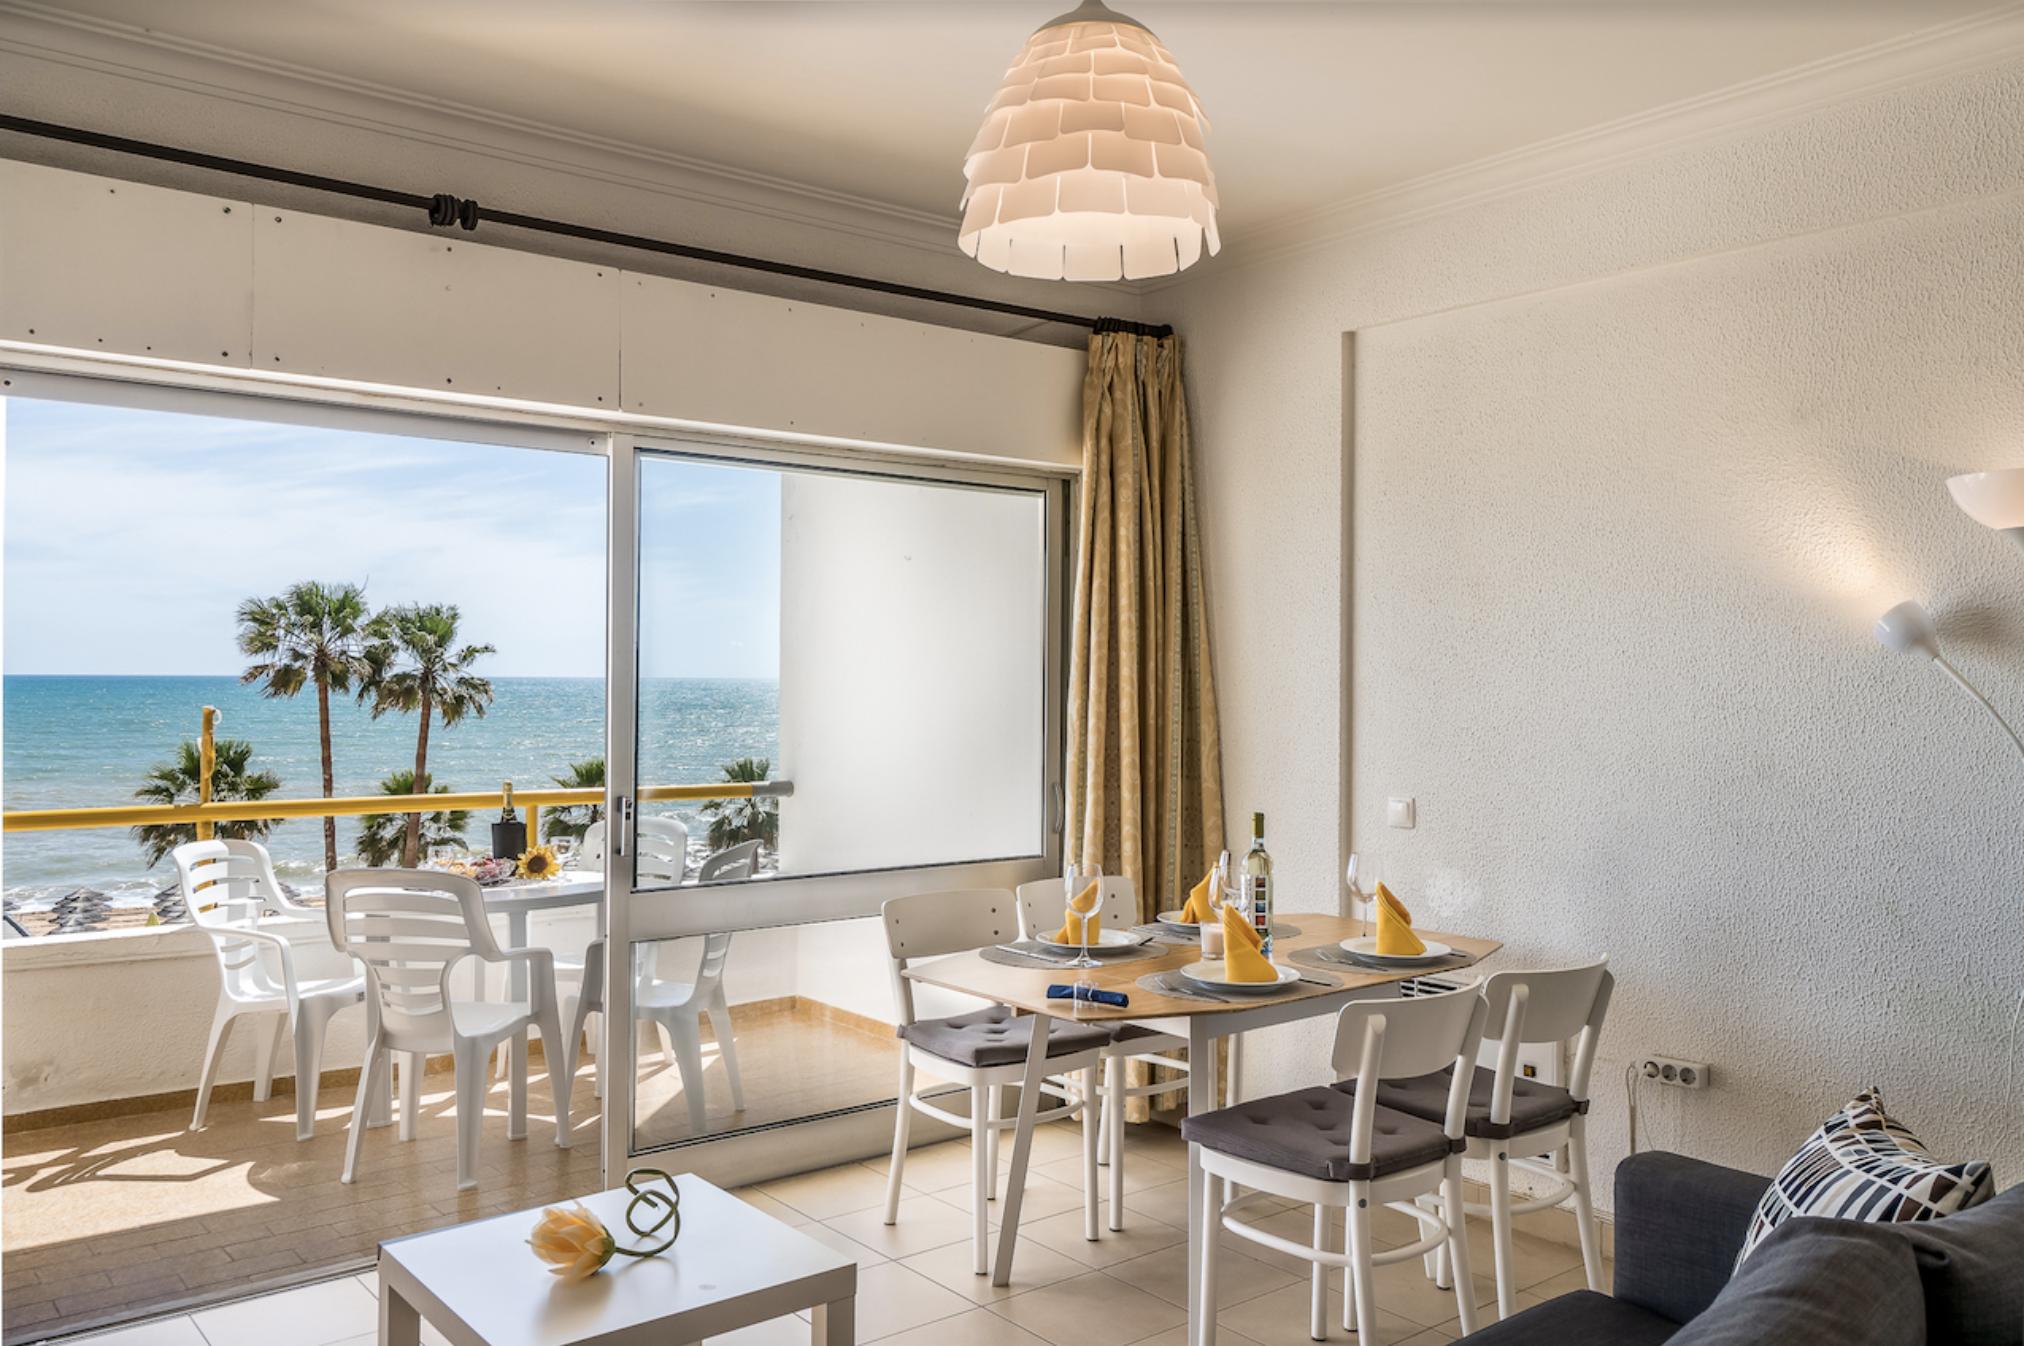 6 Dicas Para Que O Seu Alojamento Local Consiga Fidelizar Hóspedes. Alugar Para Férias. Anfitrião Airbnb. // Warmrental